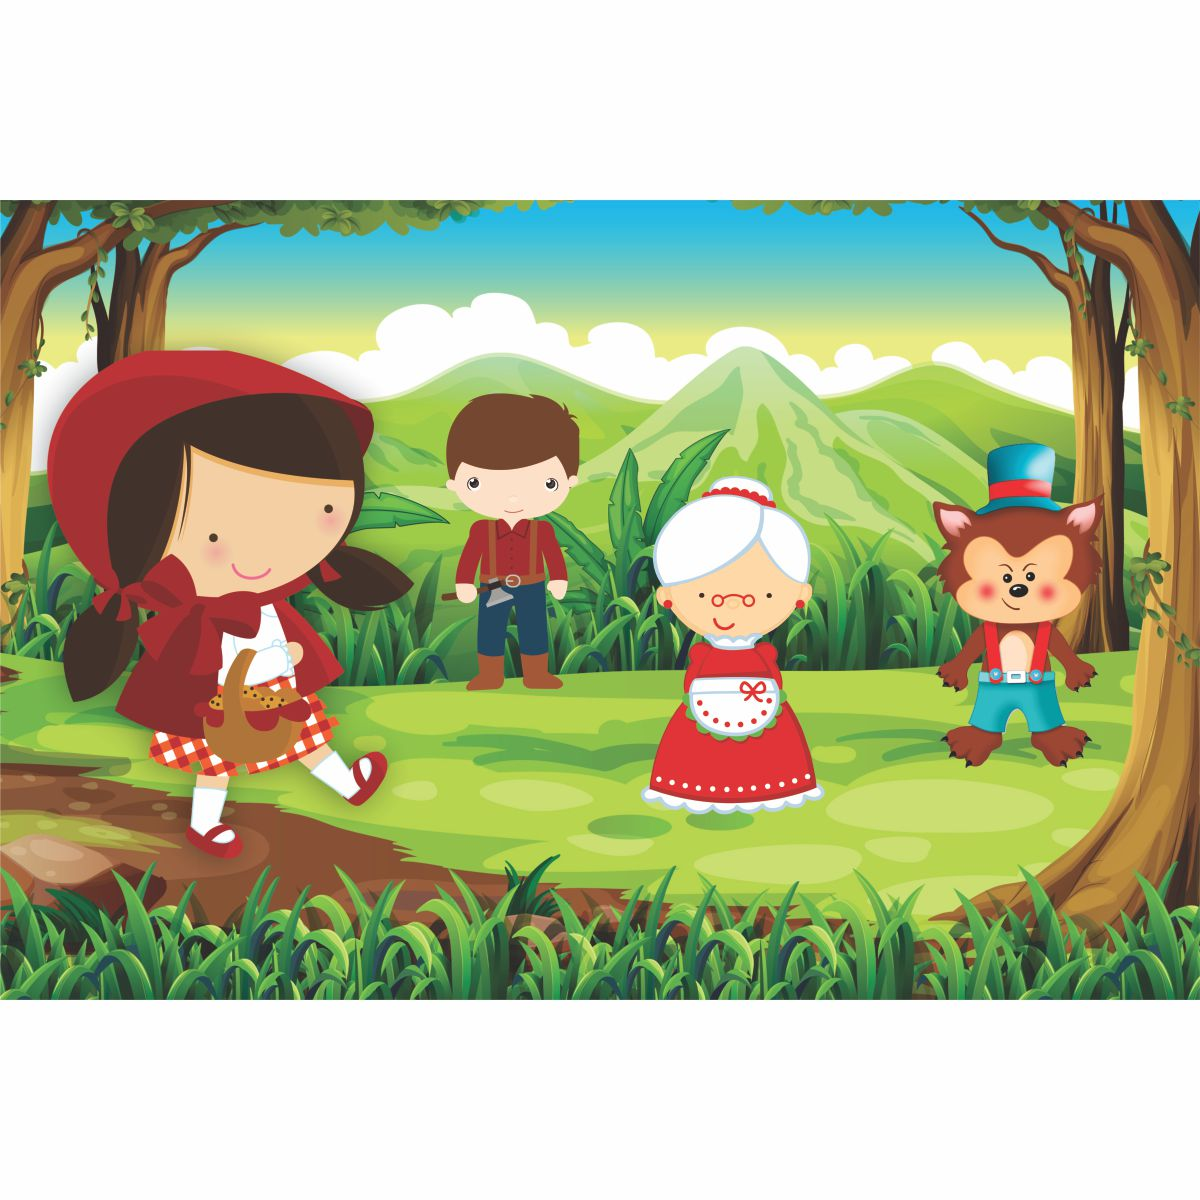 Painel de Festa Lona Chapeuzinho Vermelho